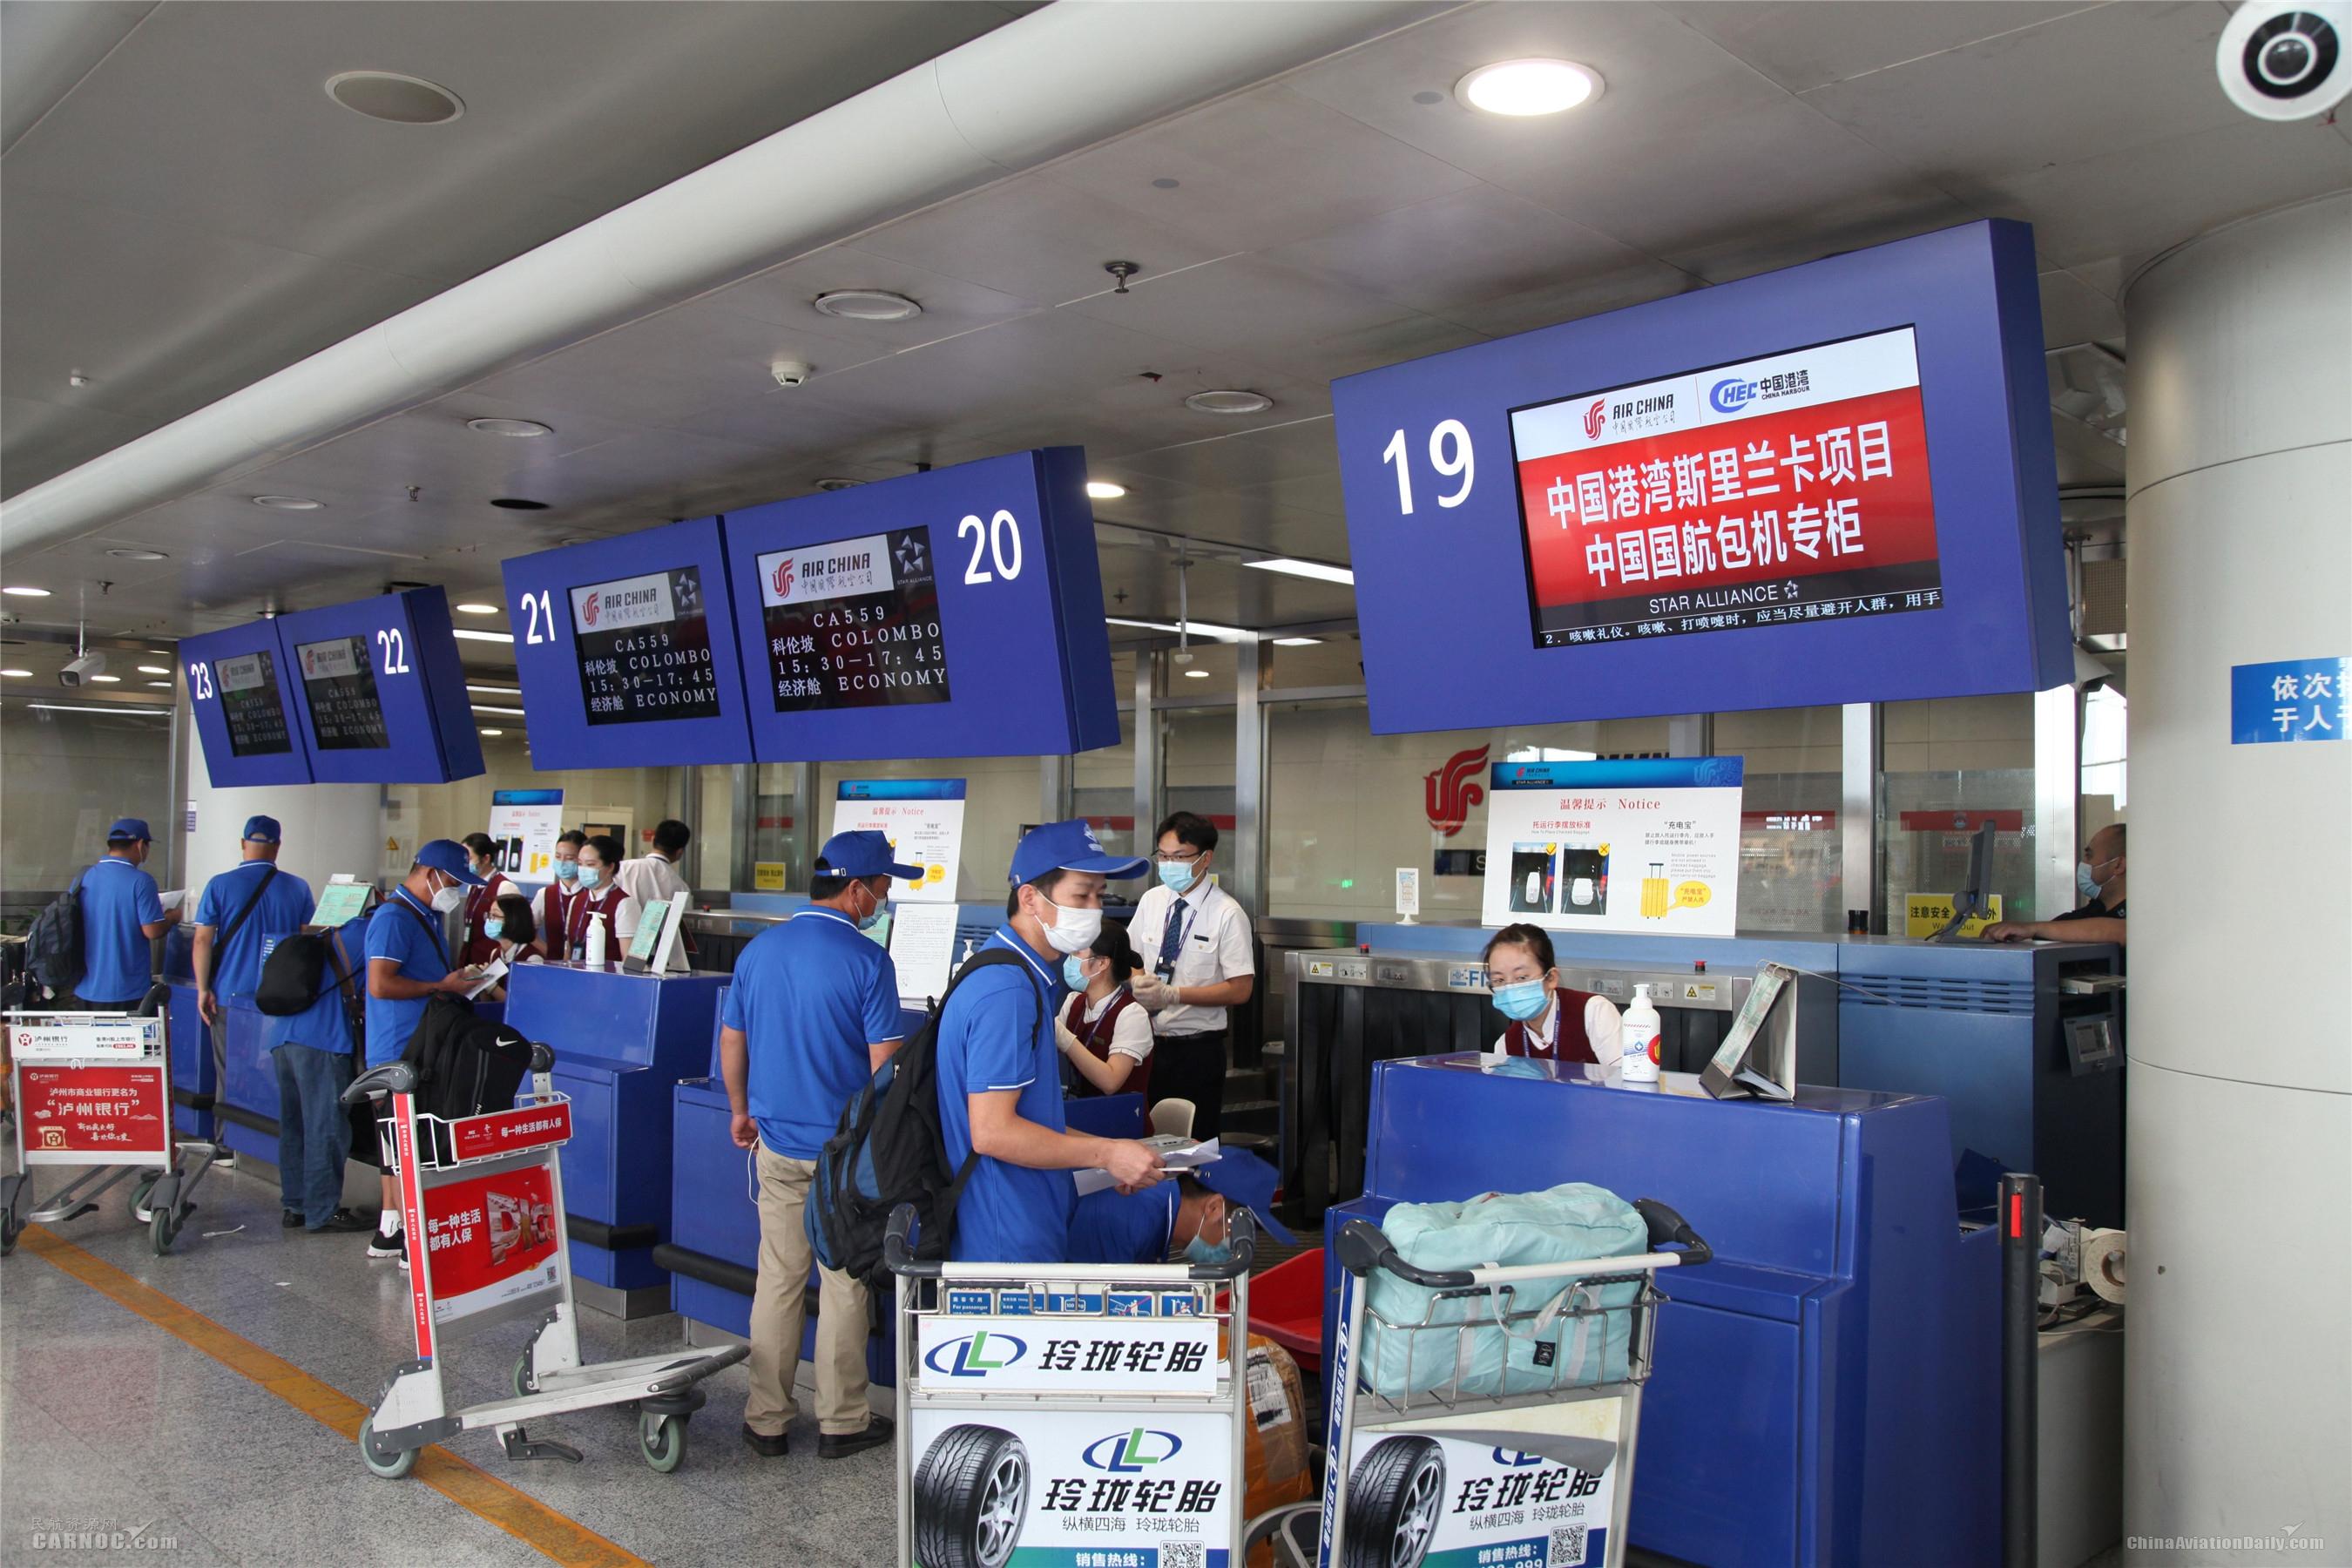 国航设置专属柜台服务中国港湾包机技术团队